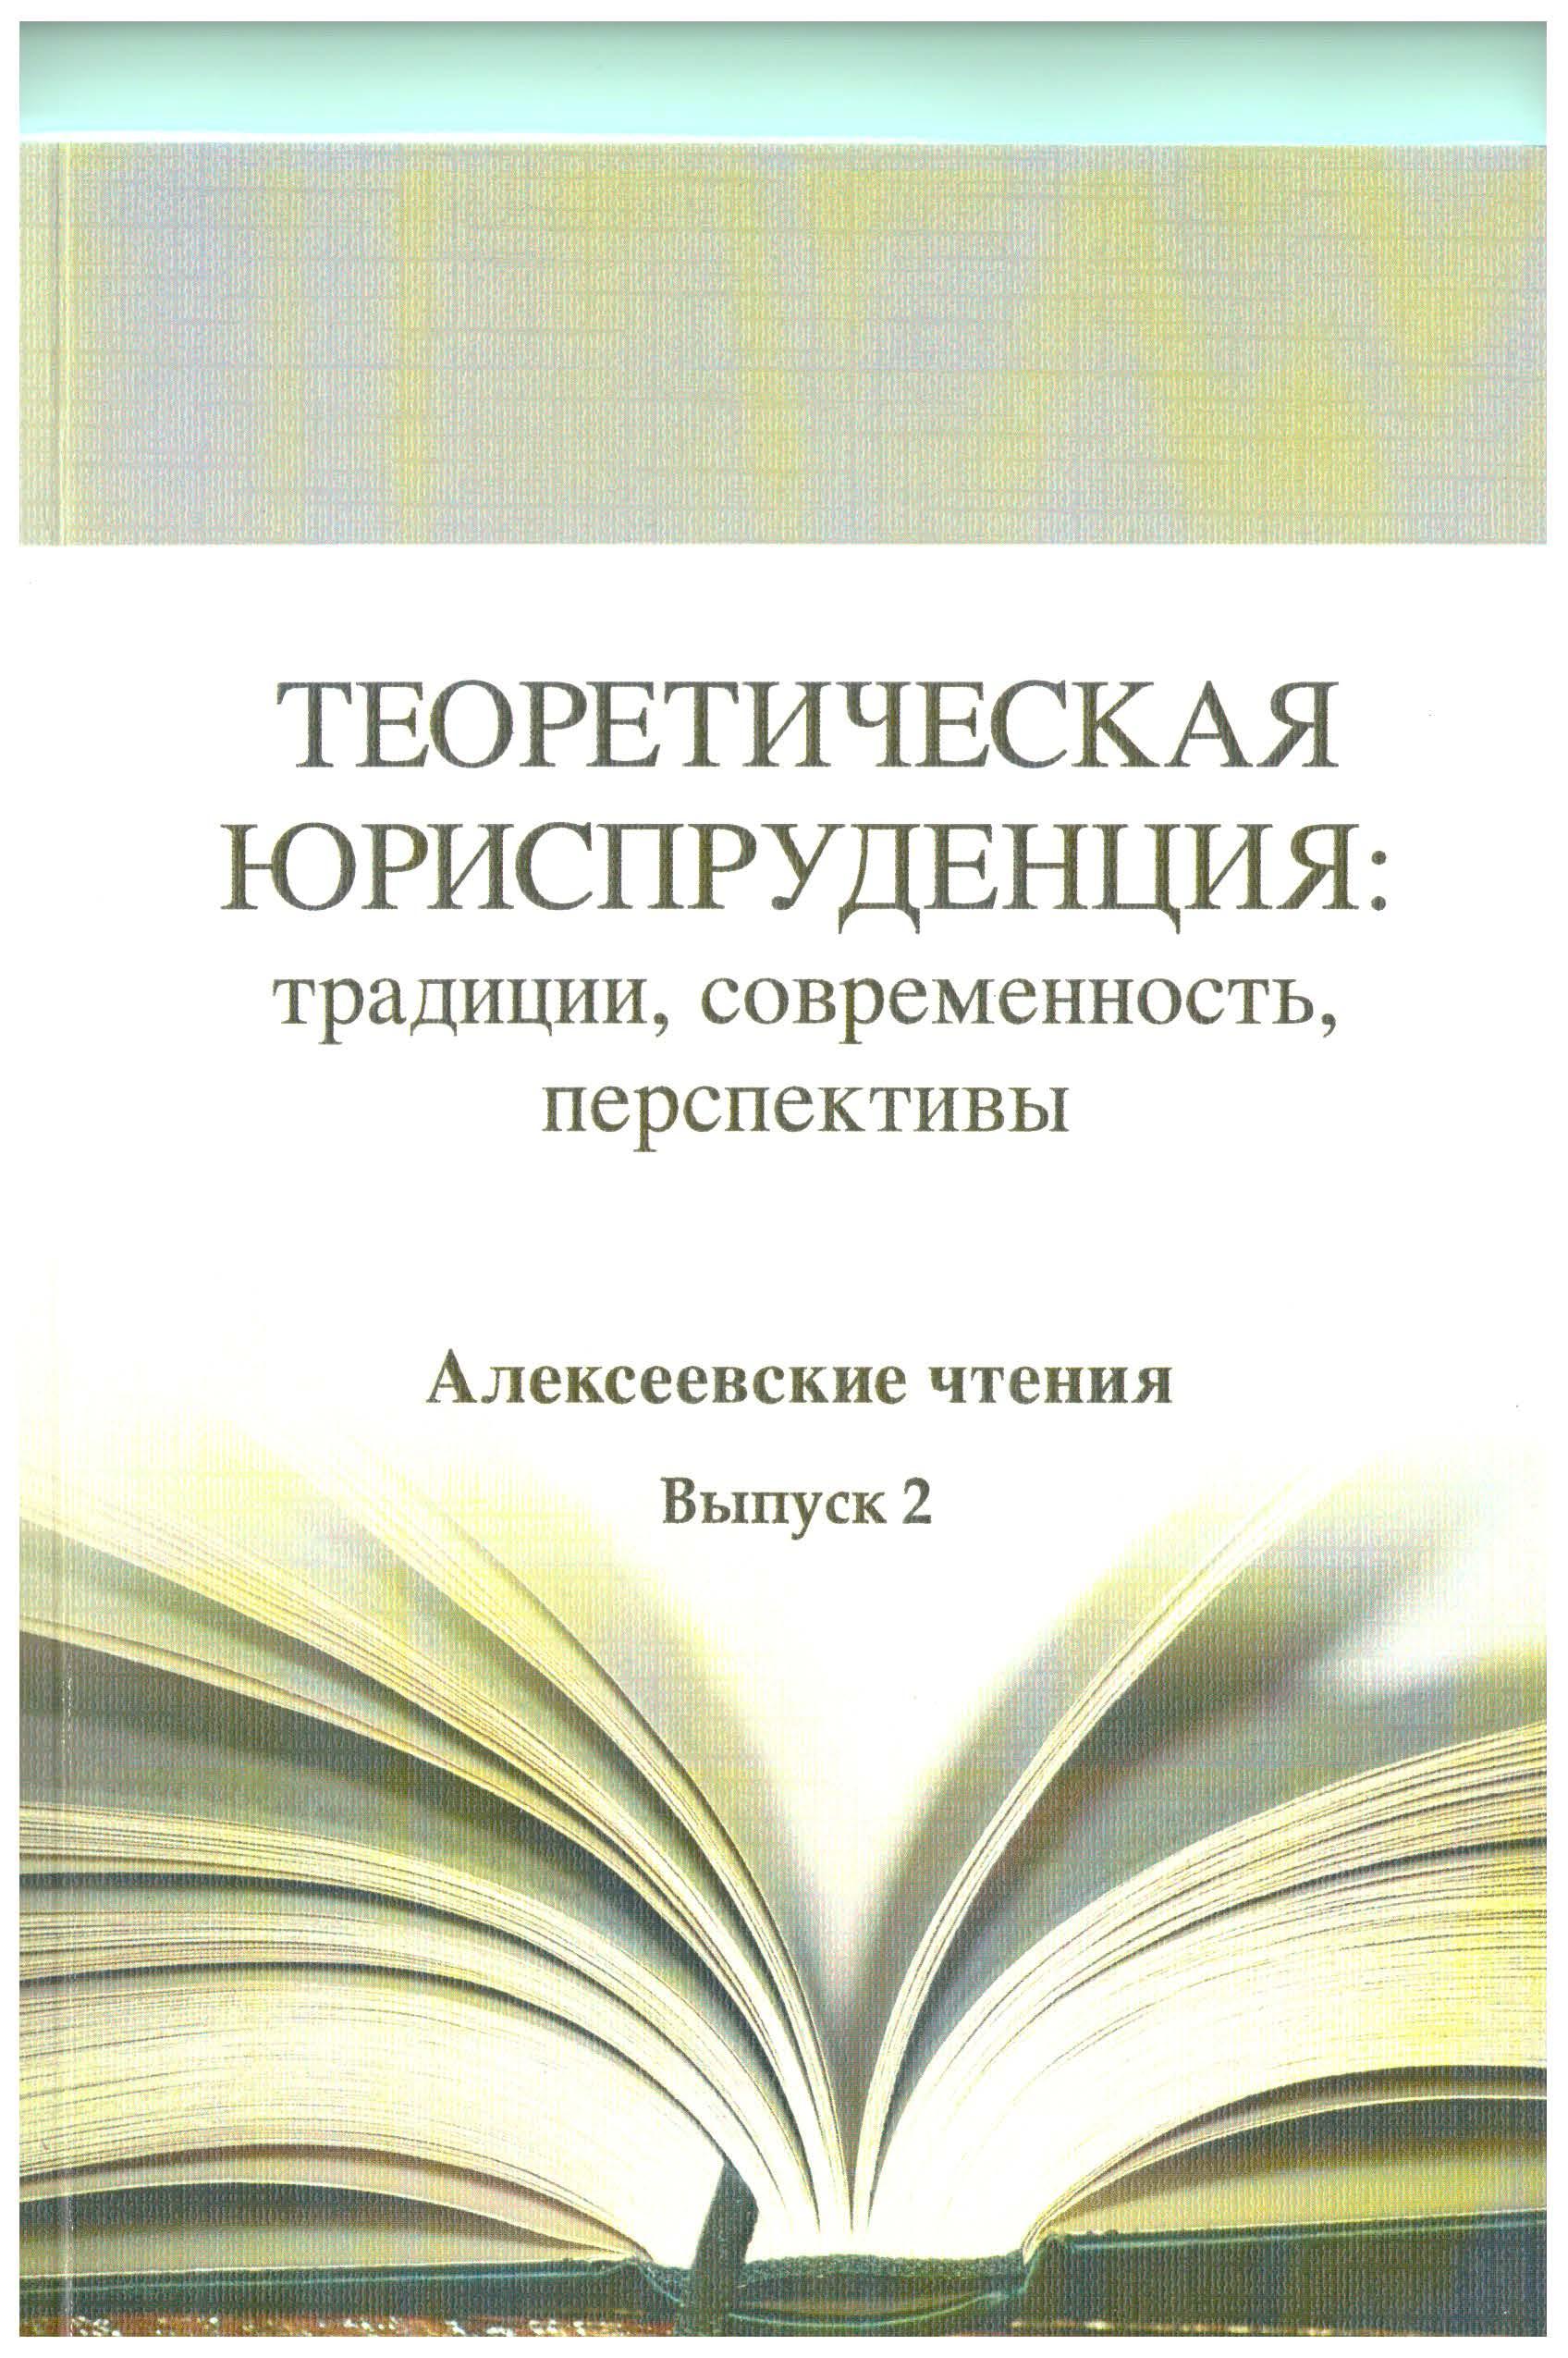 Теоретическая юриспруденция: традиции, современность, перспективы. Алексеевские чтения